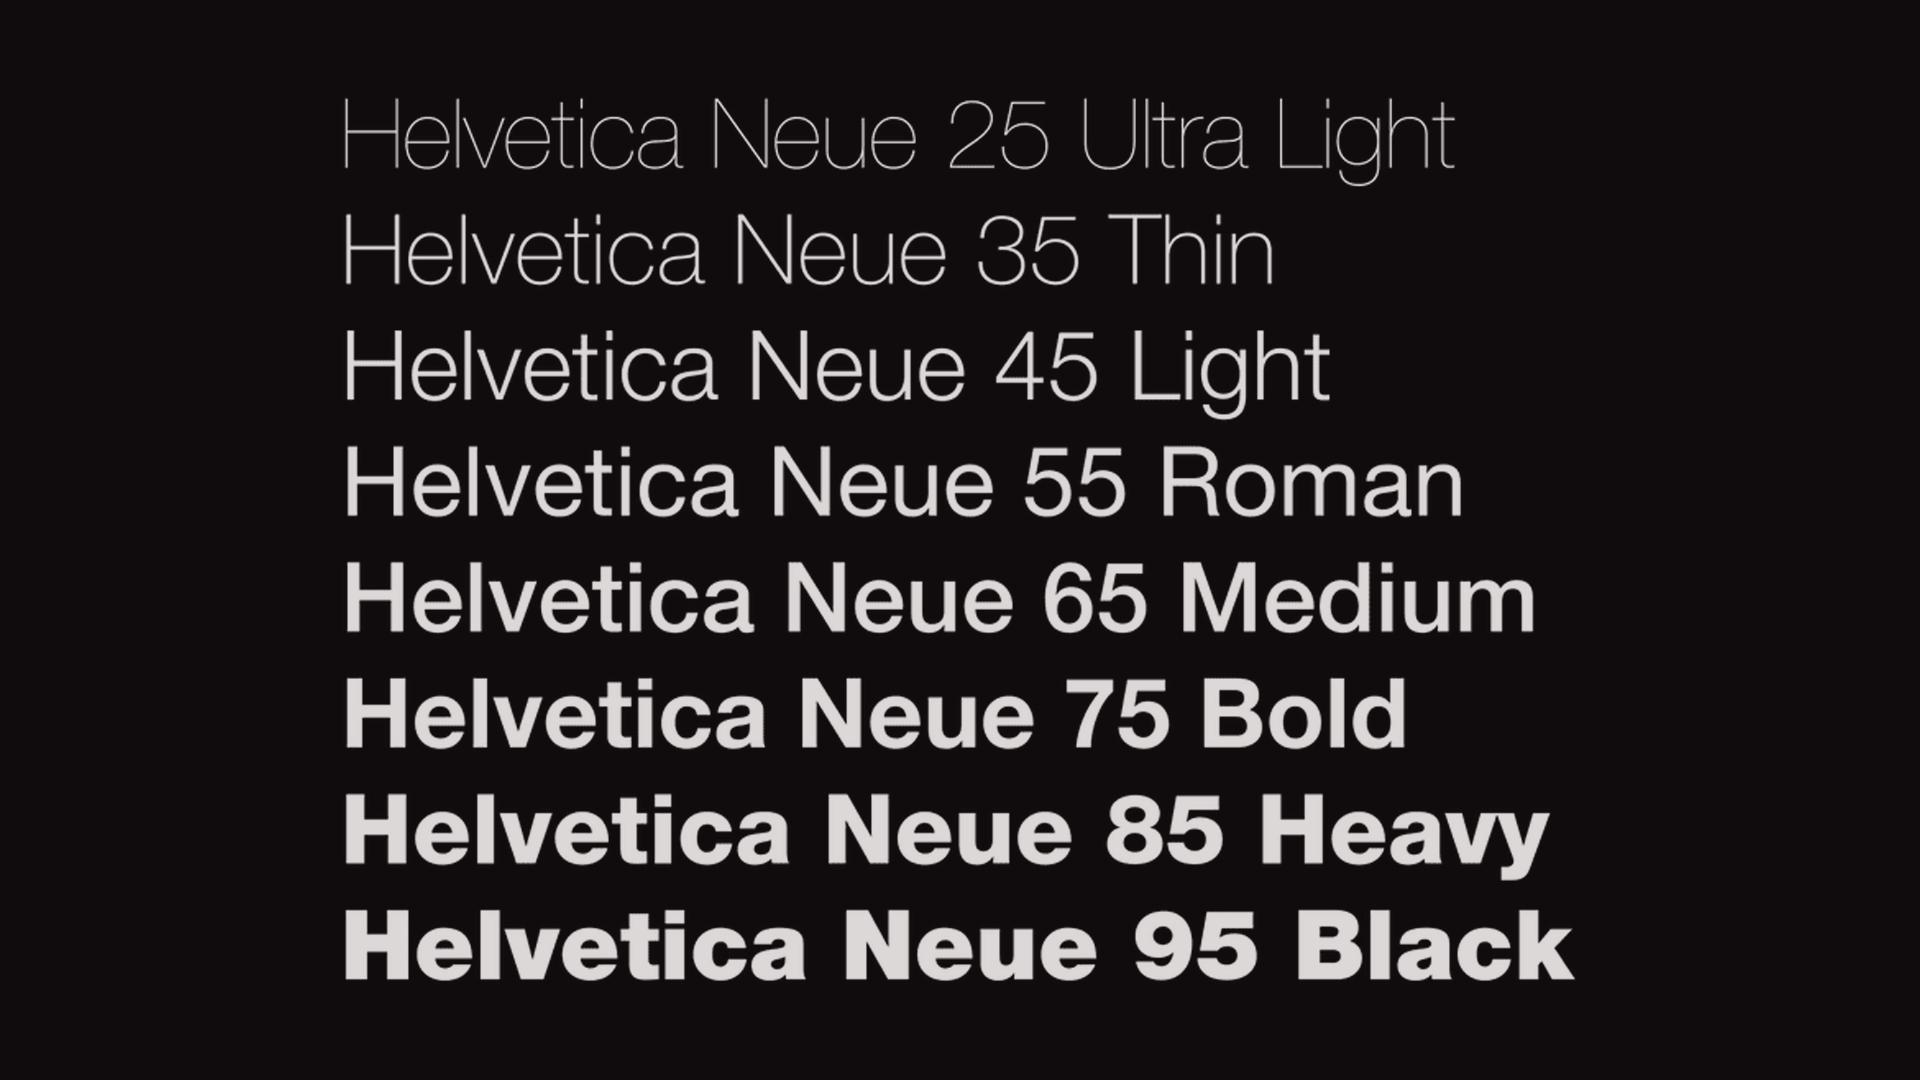 Helvetica Neue ถูกออกแบบให้มีหลายน้ำหนักตั้งแต่บางมาก ไปจนถึงหน้ามาก เพื่อการใช้งานในรูปแบบต่าง ๆ